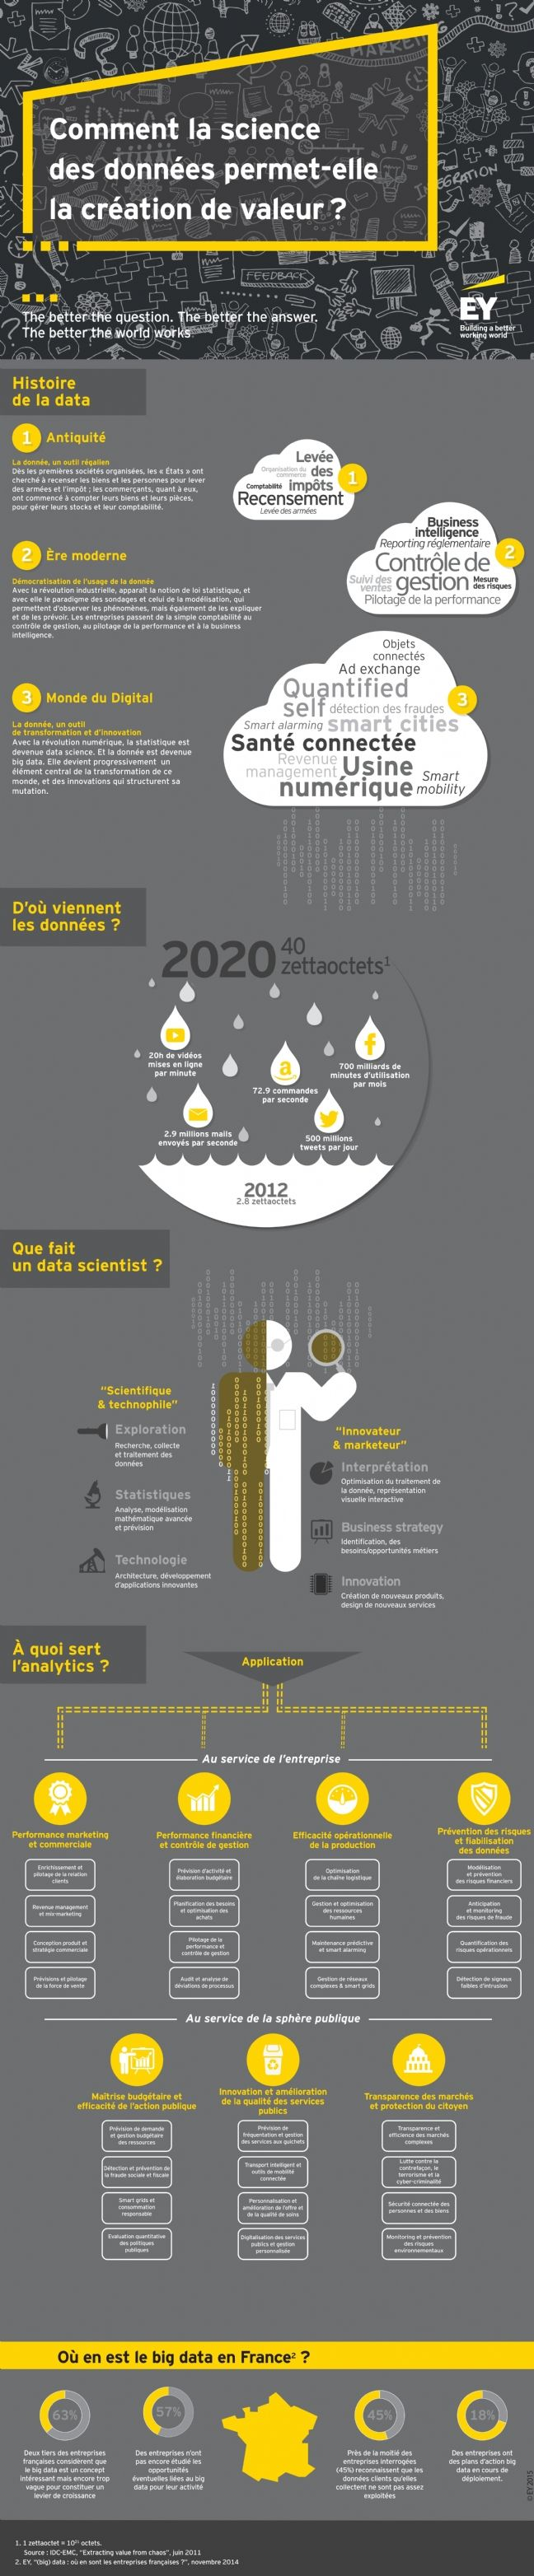 Infographie | Comment l'analyse des données crée-t-elle de la valeur ?